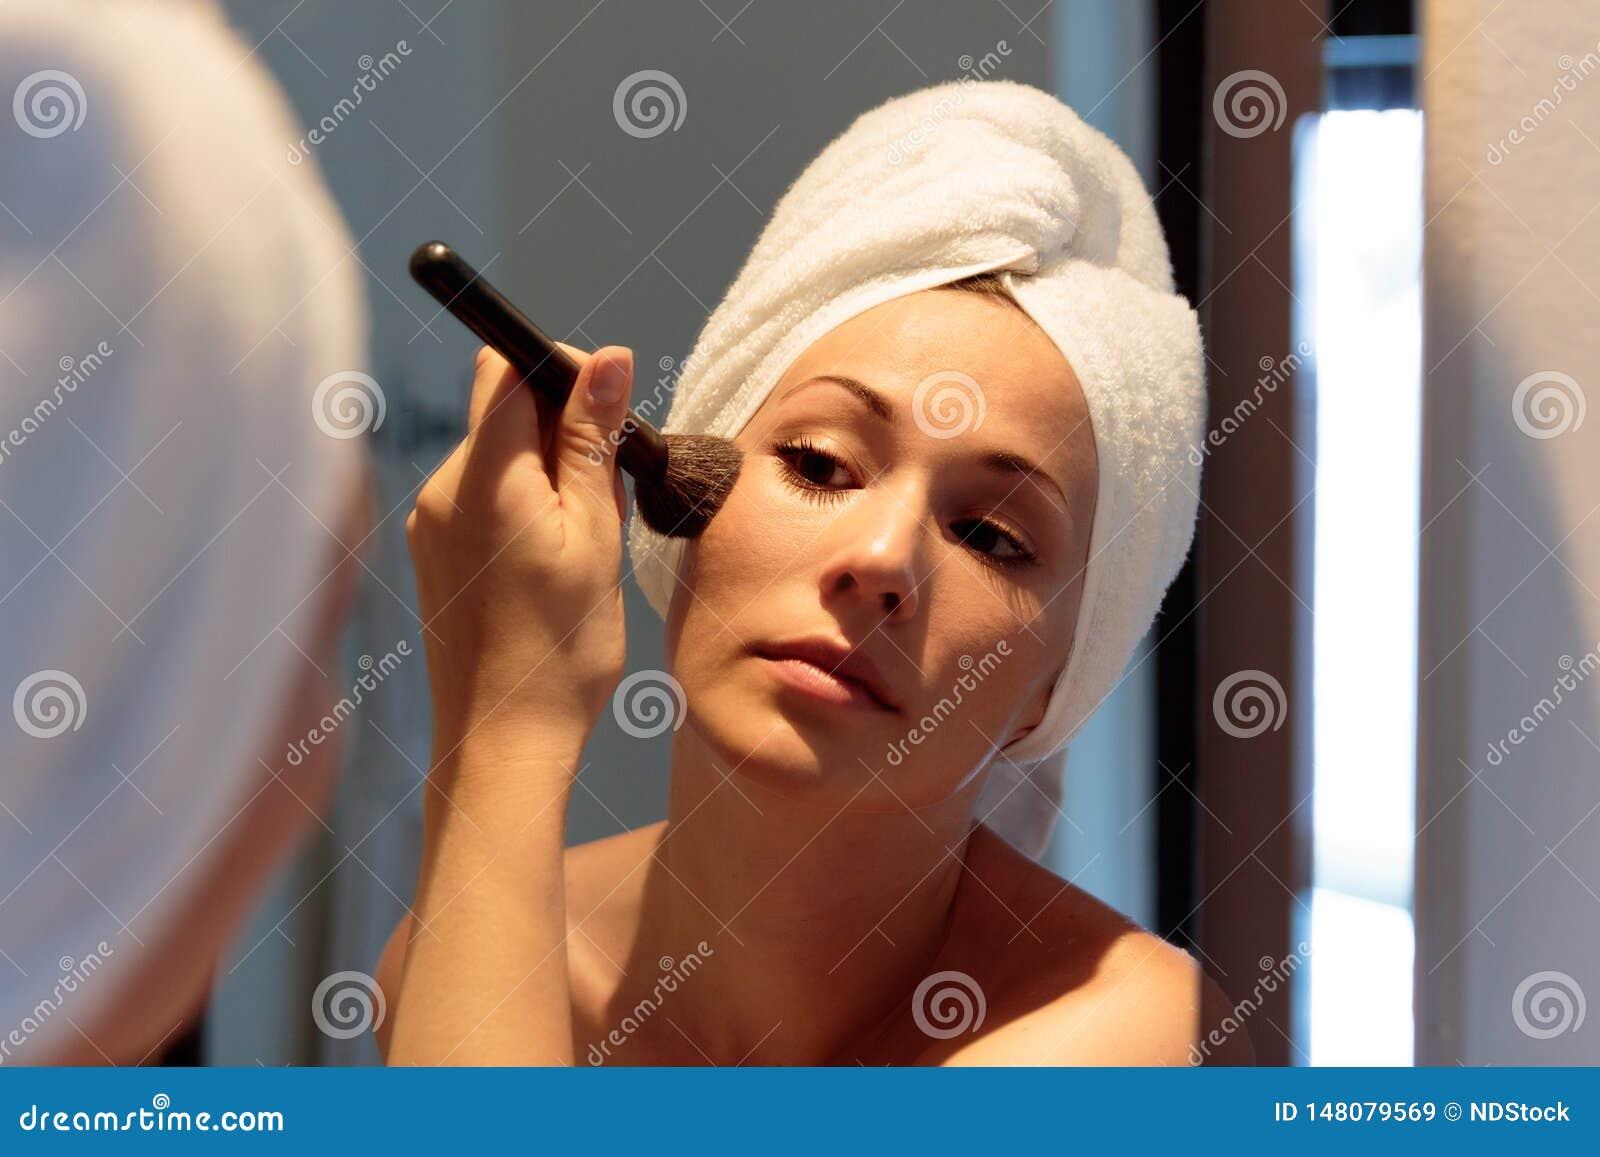 Mujer delante del espejo que está poniendo en maquillaje antes de salir en la noche